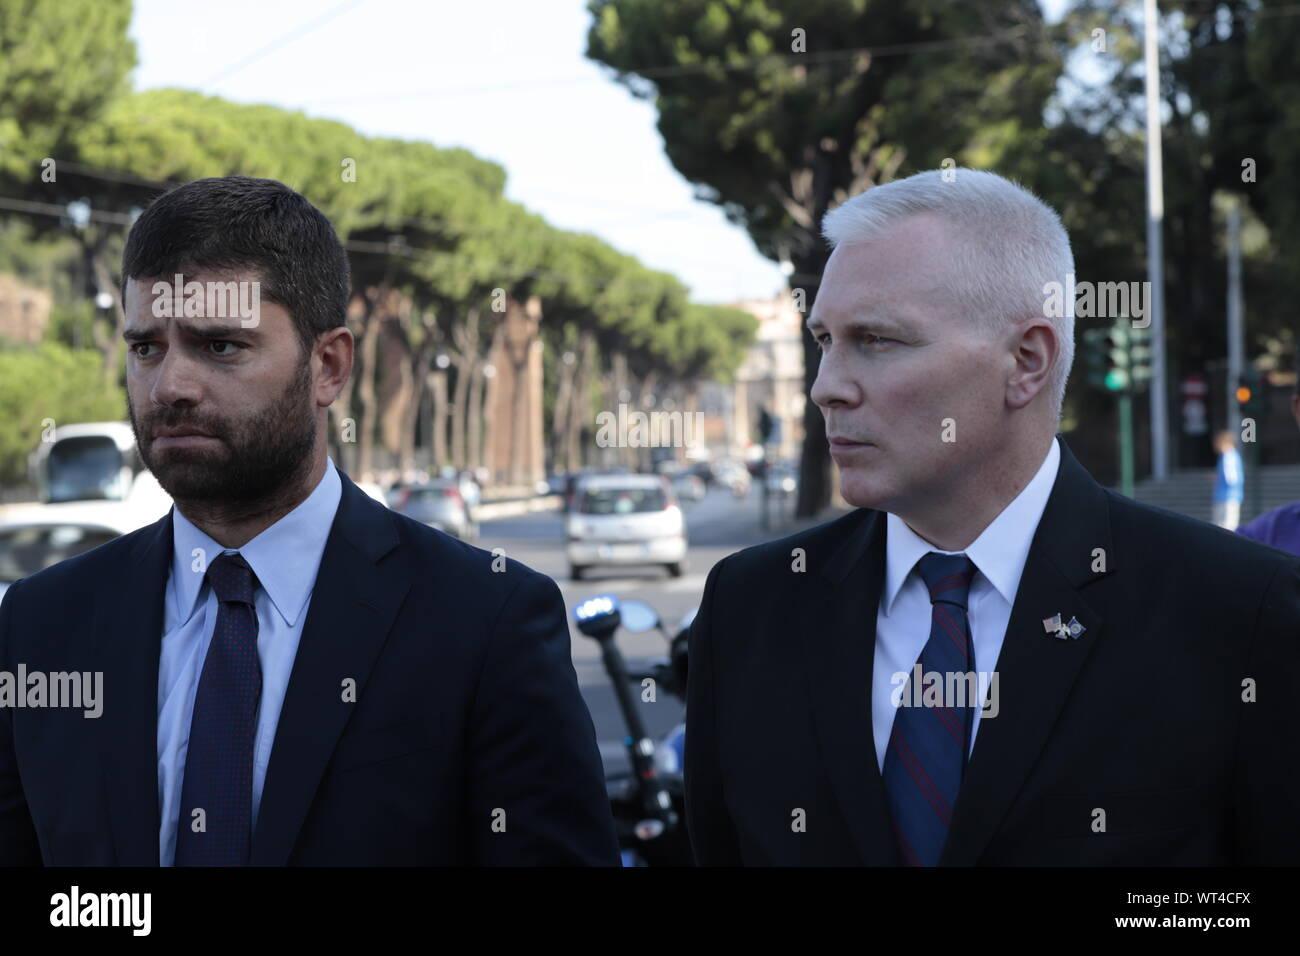 American Ambassador Lewis M. Eisenberg (CLAUDIO SISTO/Fotogramma, ROME - 2019-09-11) p.s. la foto e' utilizzabile nel rispetto del contesto in cui e' stata scattata, e senza intento diffamatorio del decoro delle persone rappresentate Stock Photo